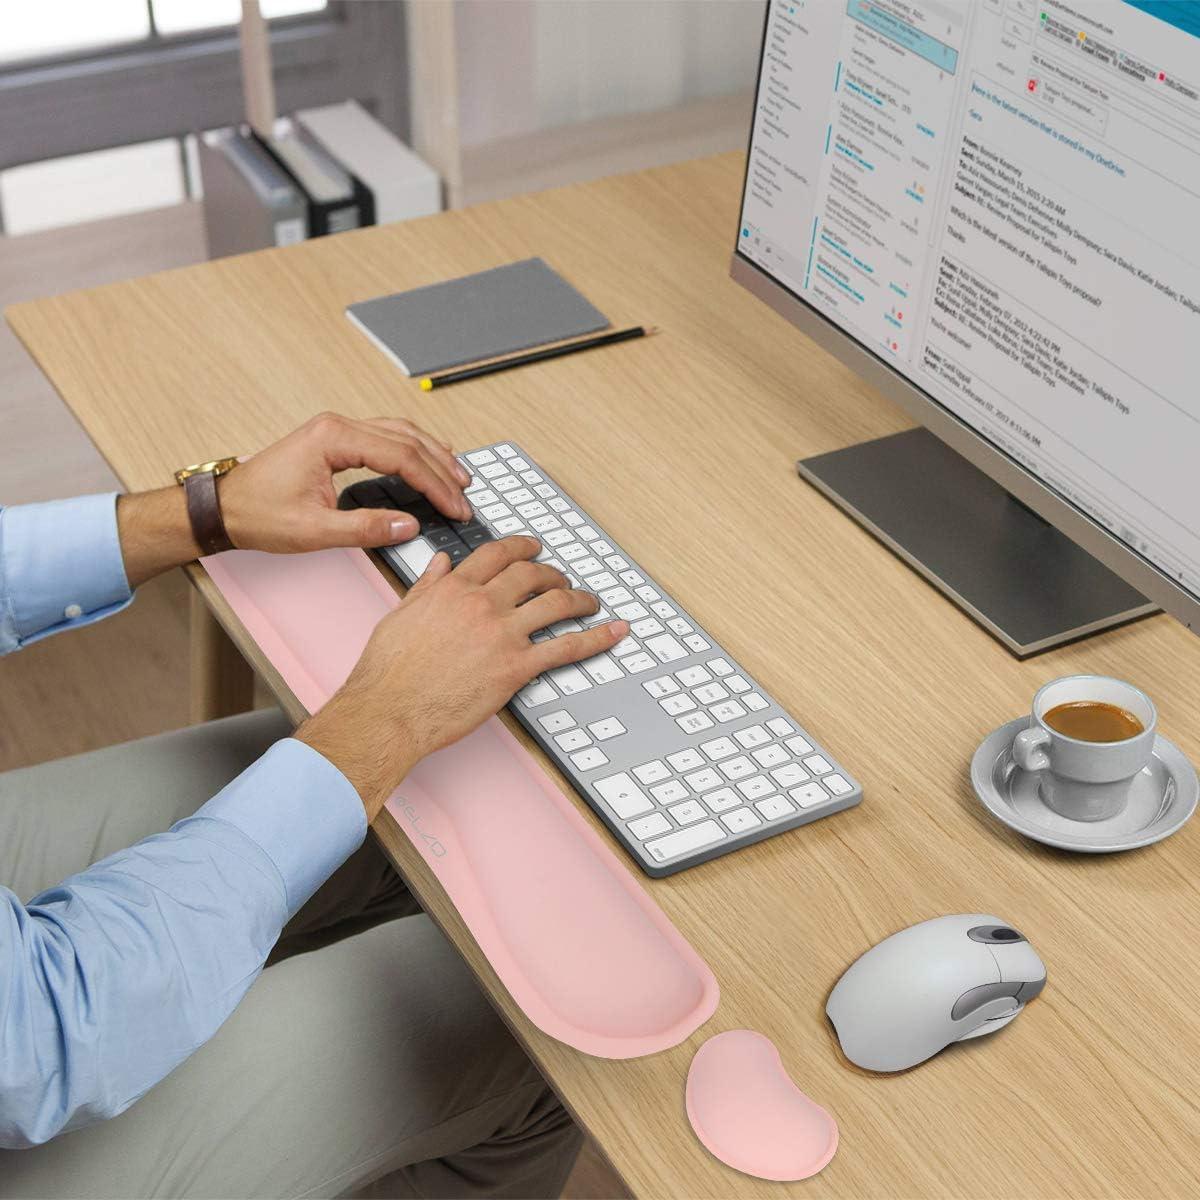 Ergonomico Pelle Wrist Rest Cuscinetto di Supporto per Palmi e Polsi per Computer Portatile Notebook ELZO Poggiapolsi per Mouse e Tastiera con Memory Foam PC e Computer Mac Book